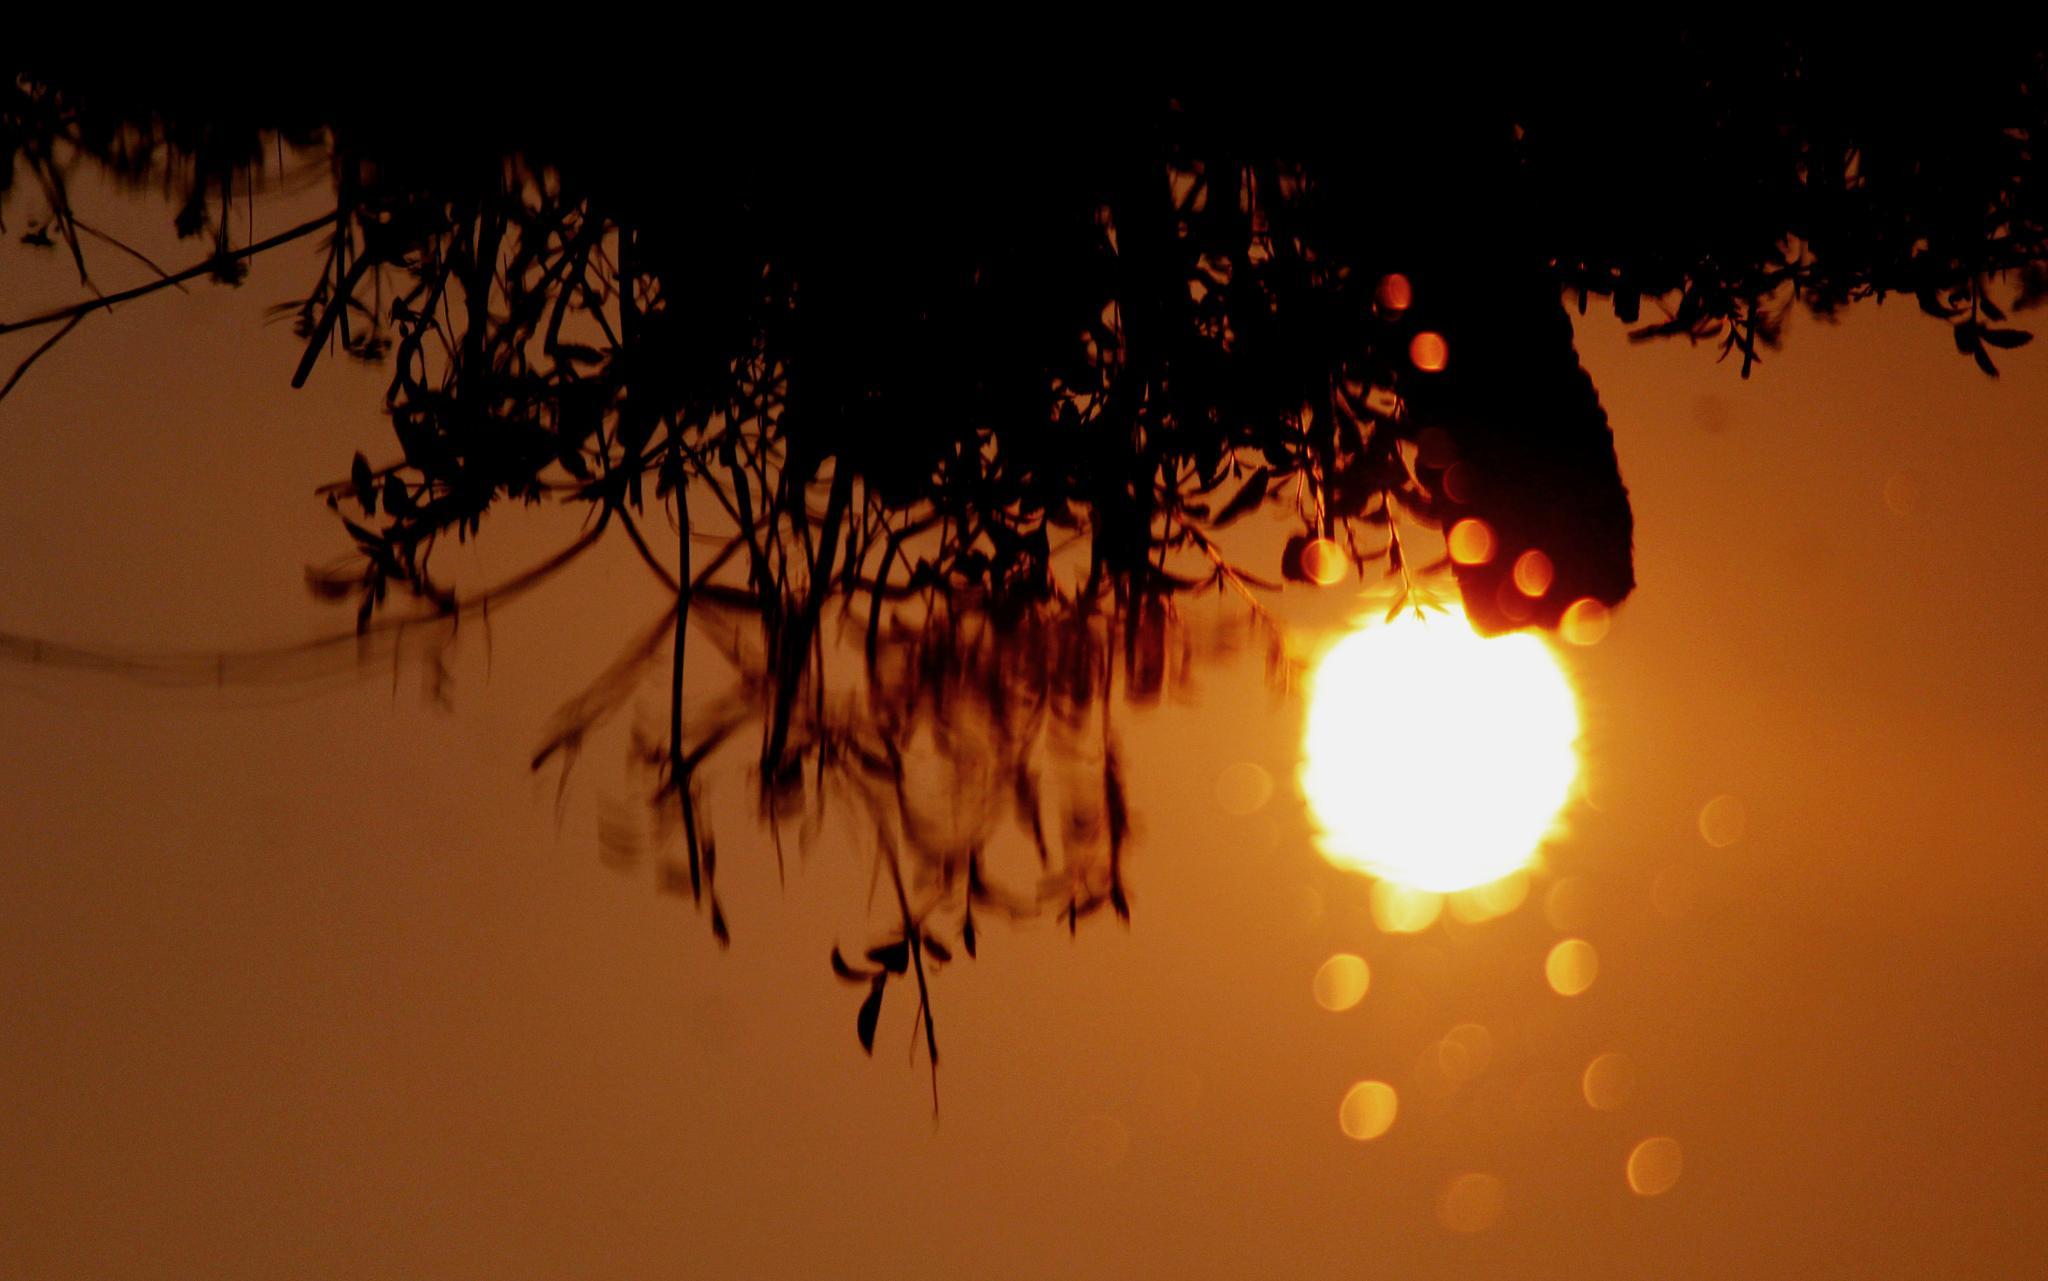 Sun Reflection by Abhishek Sarkar